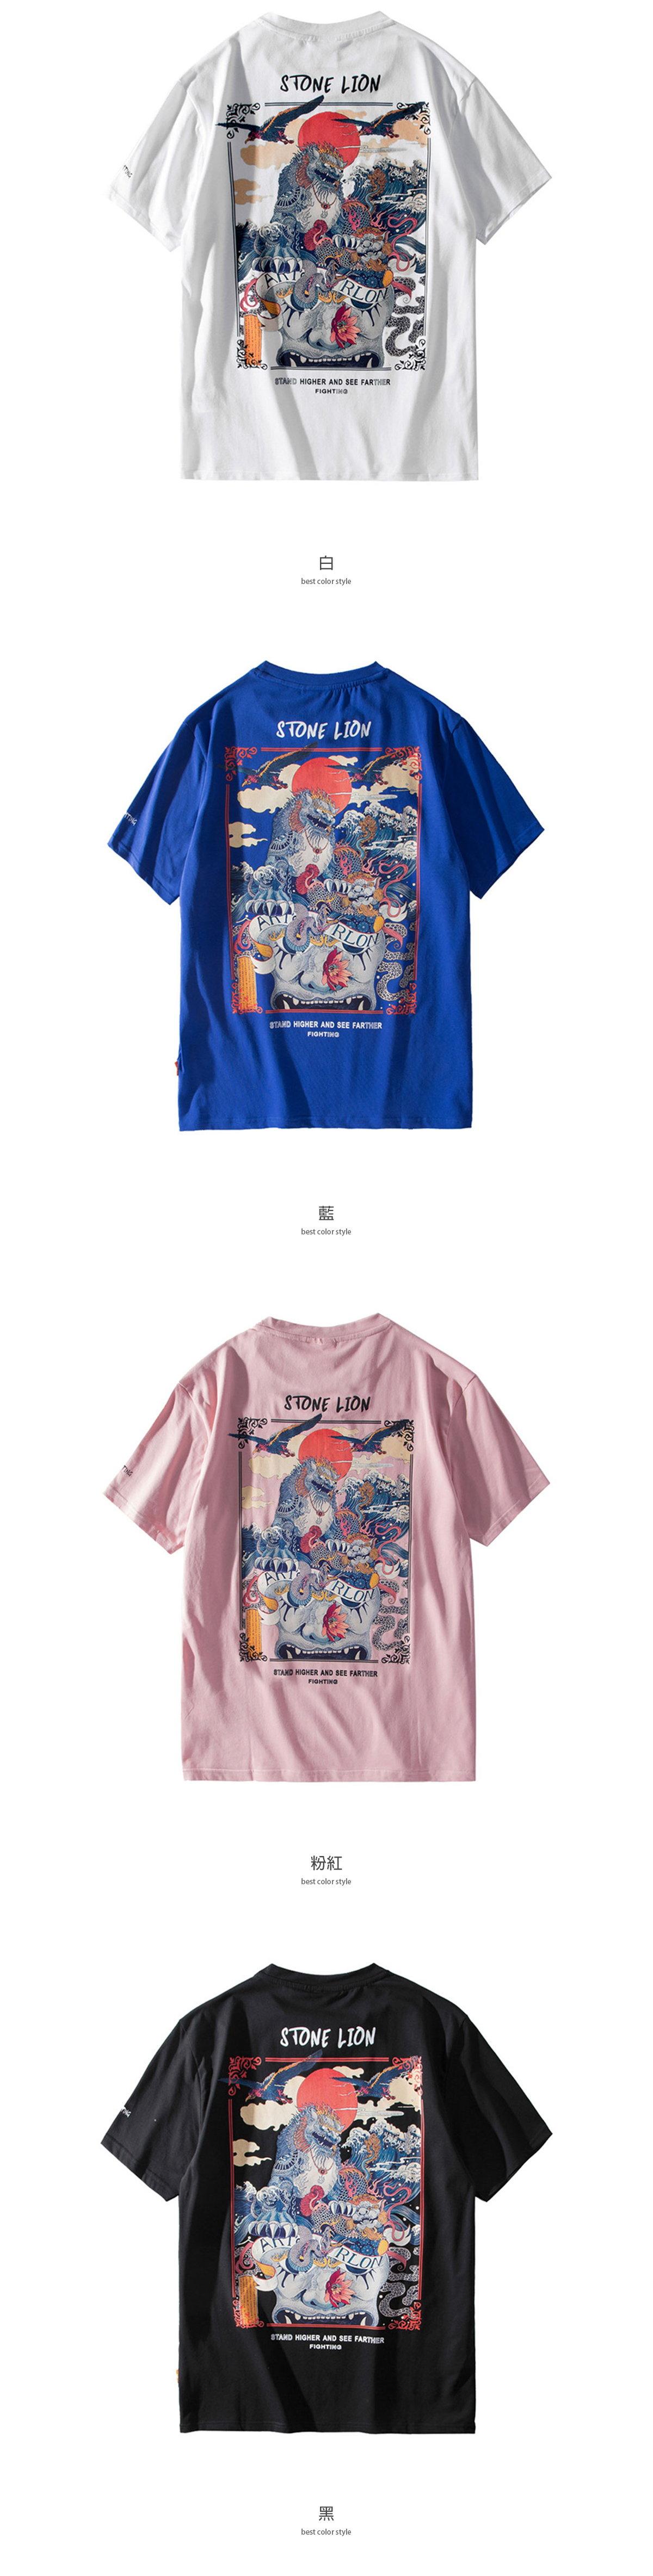 古風石獅冒險印花短袖T恤